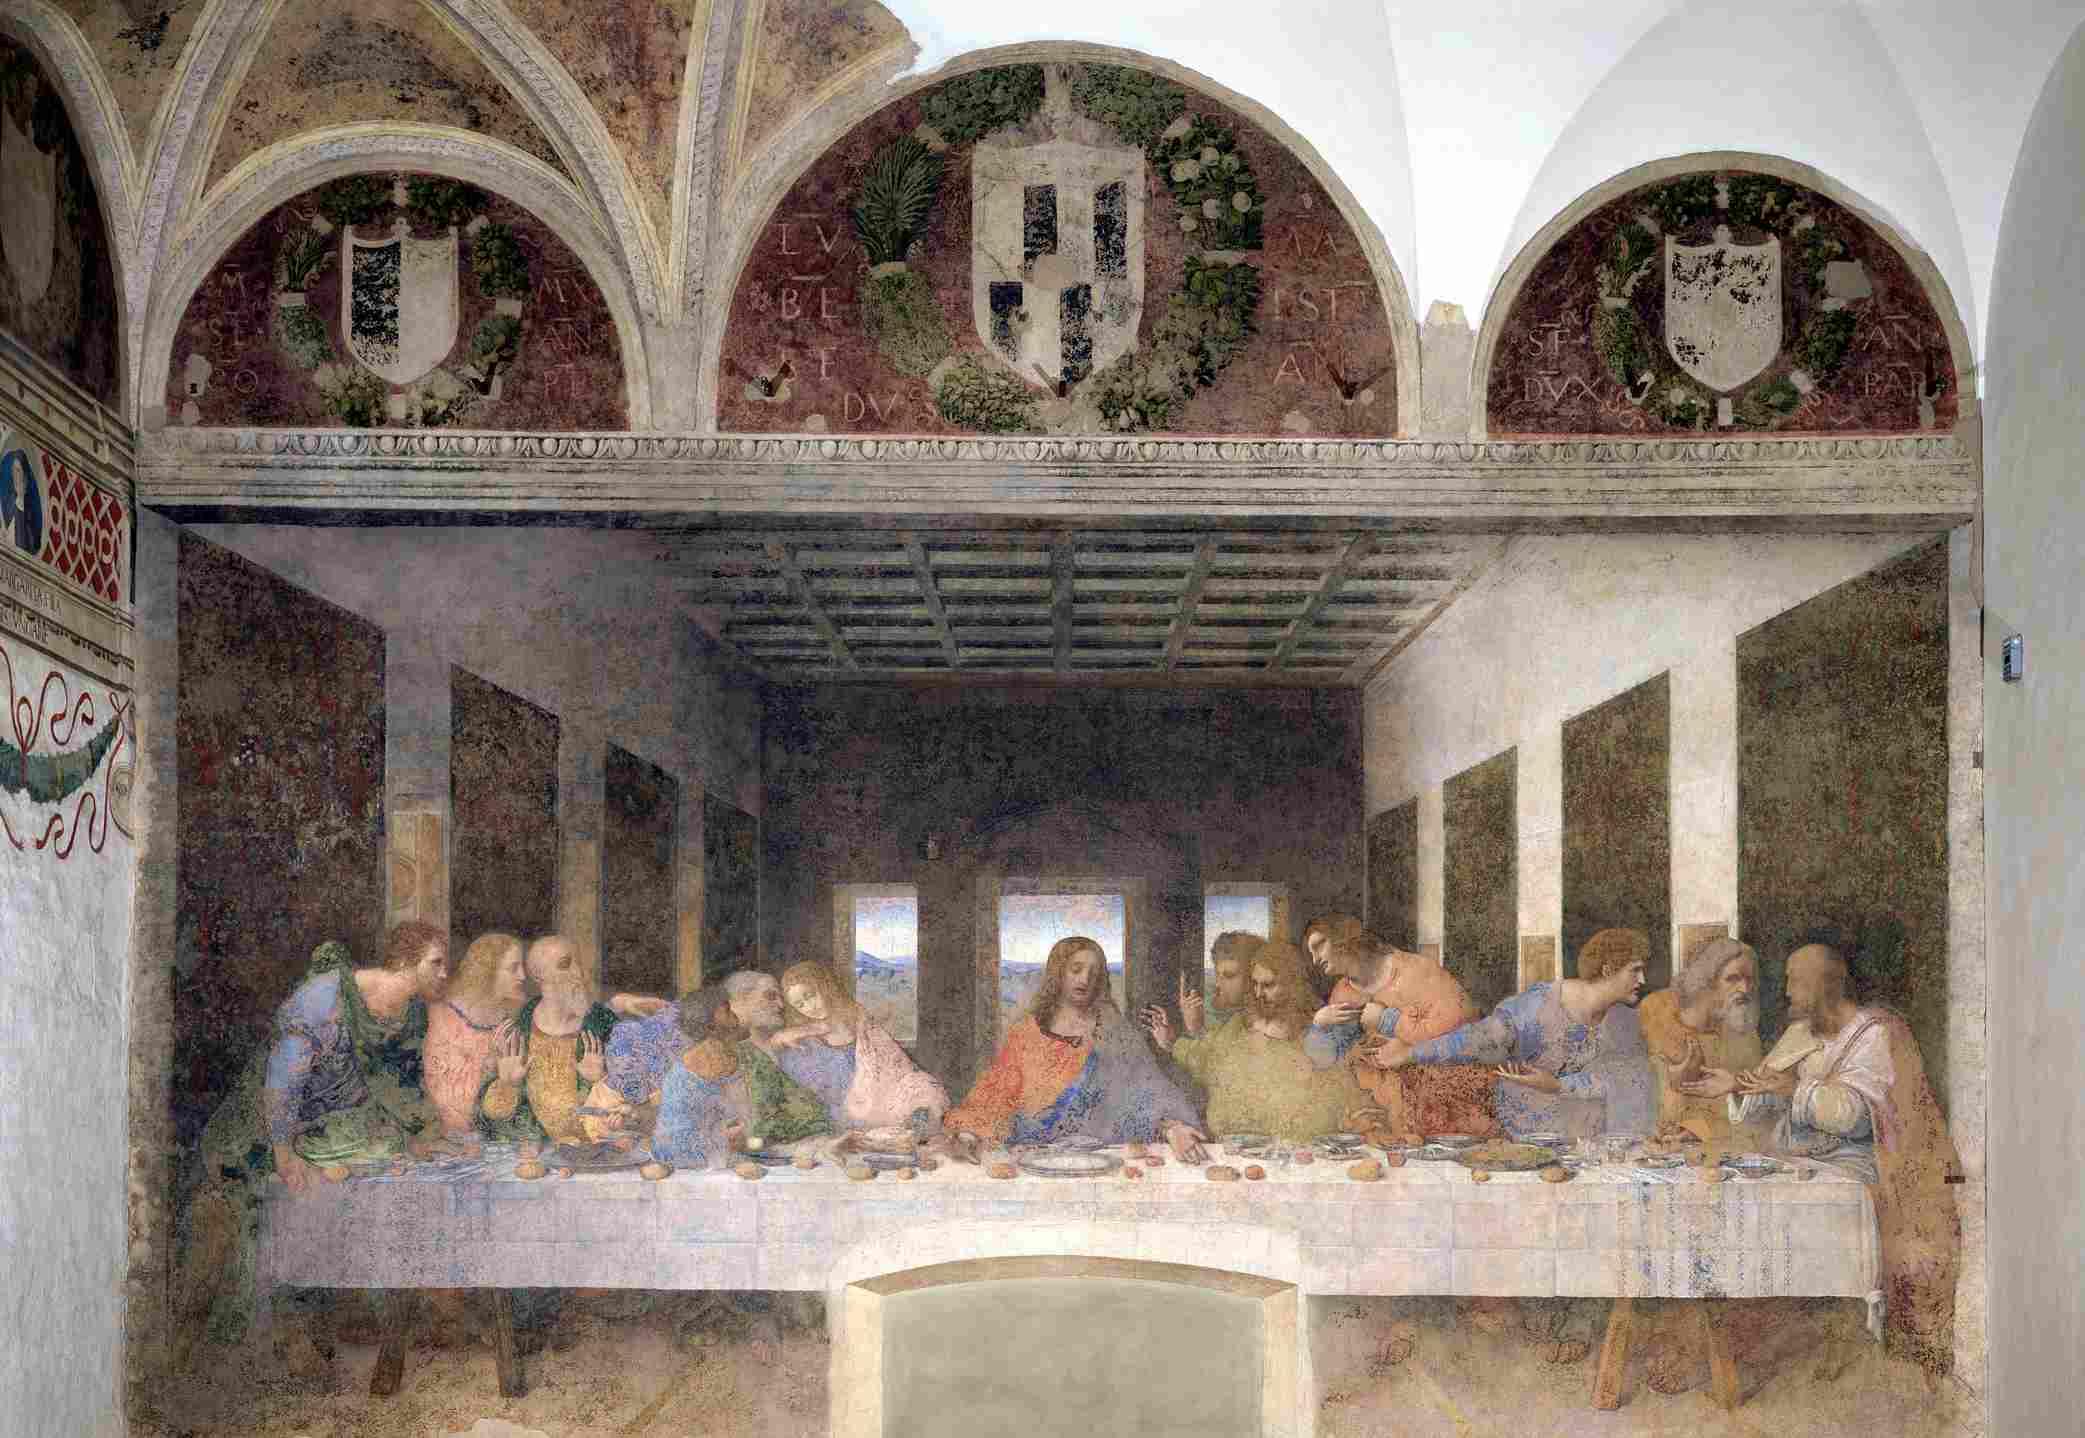 Last Supper by Leonardo da Vinci, mural painting. 1452-1519, 15th century, Italy, Milan, Santa Maria delle Grazie.